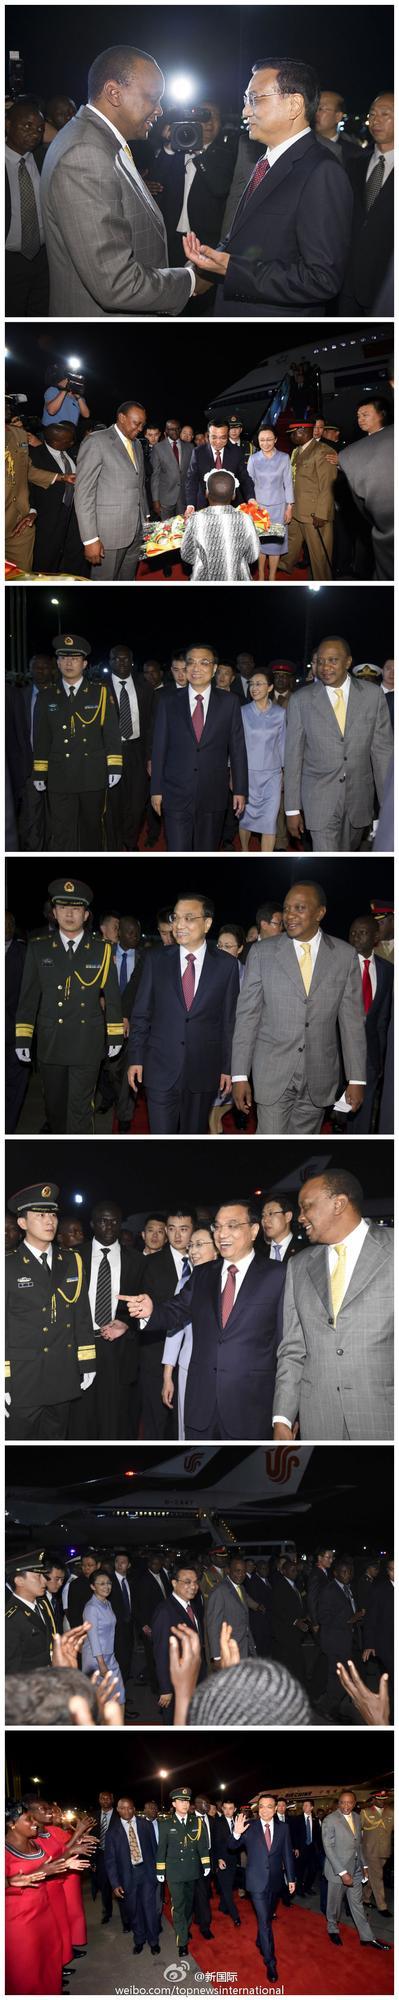 肯尼亚总统和副总统亲赴机场迎接李克强到访